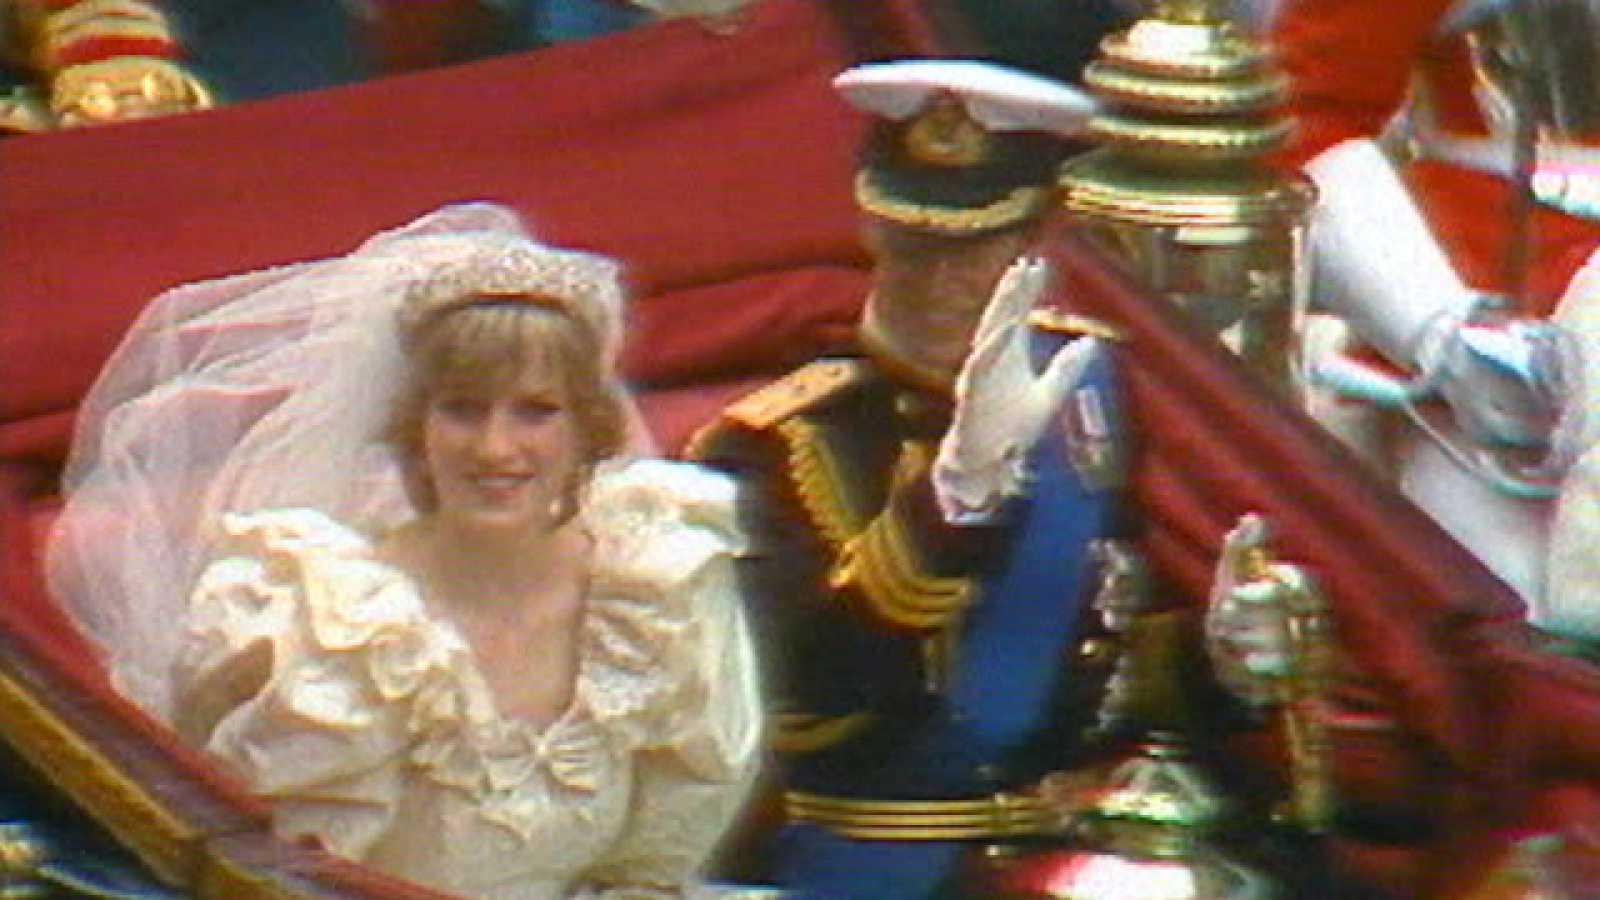 30 años separan la boda del Príncipe Guillermo y su padre con Diana de Gales